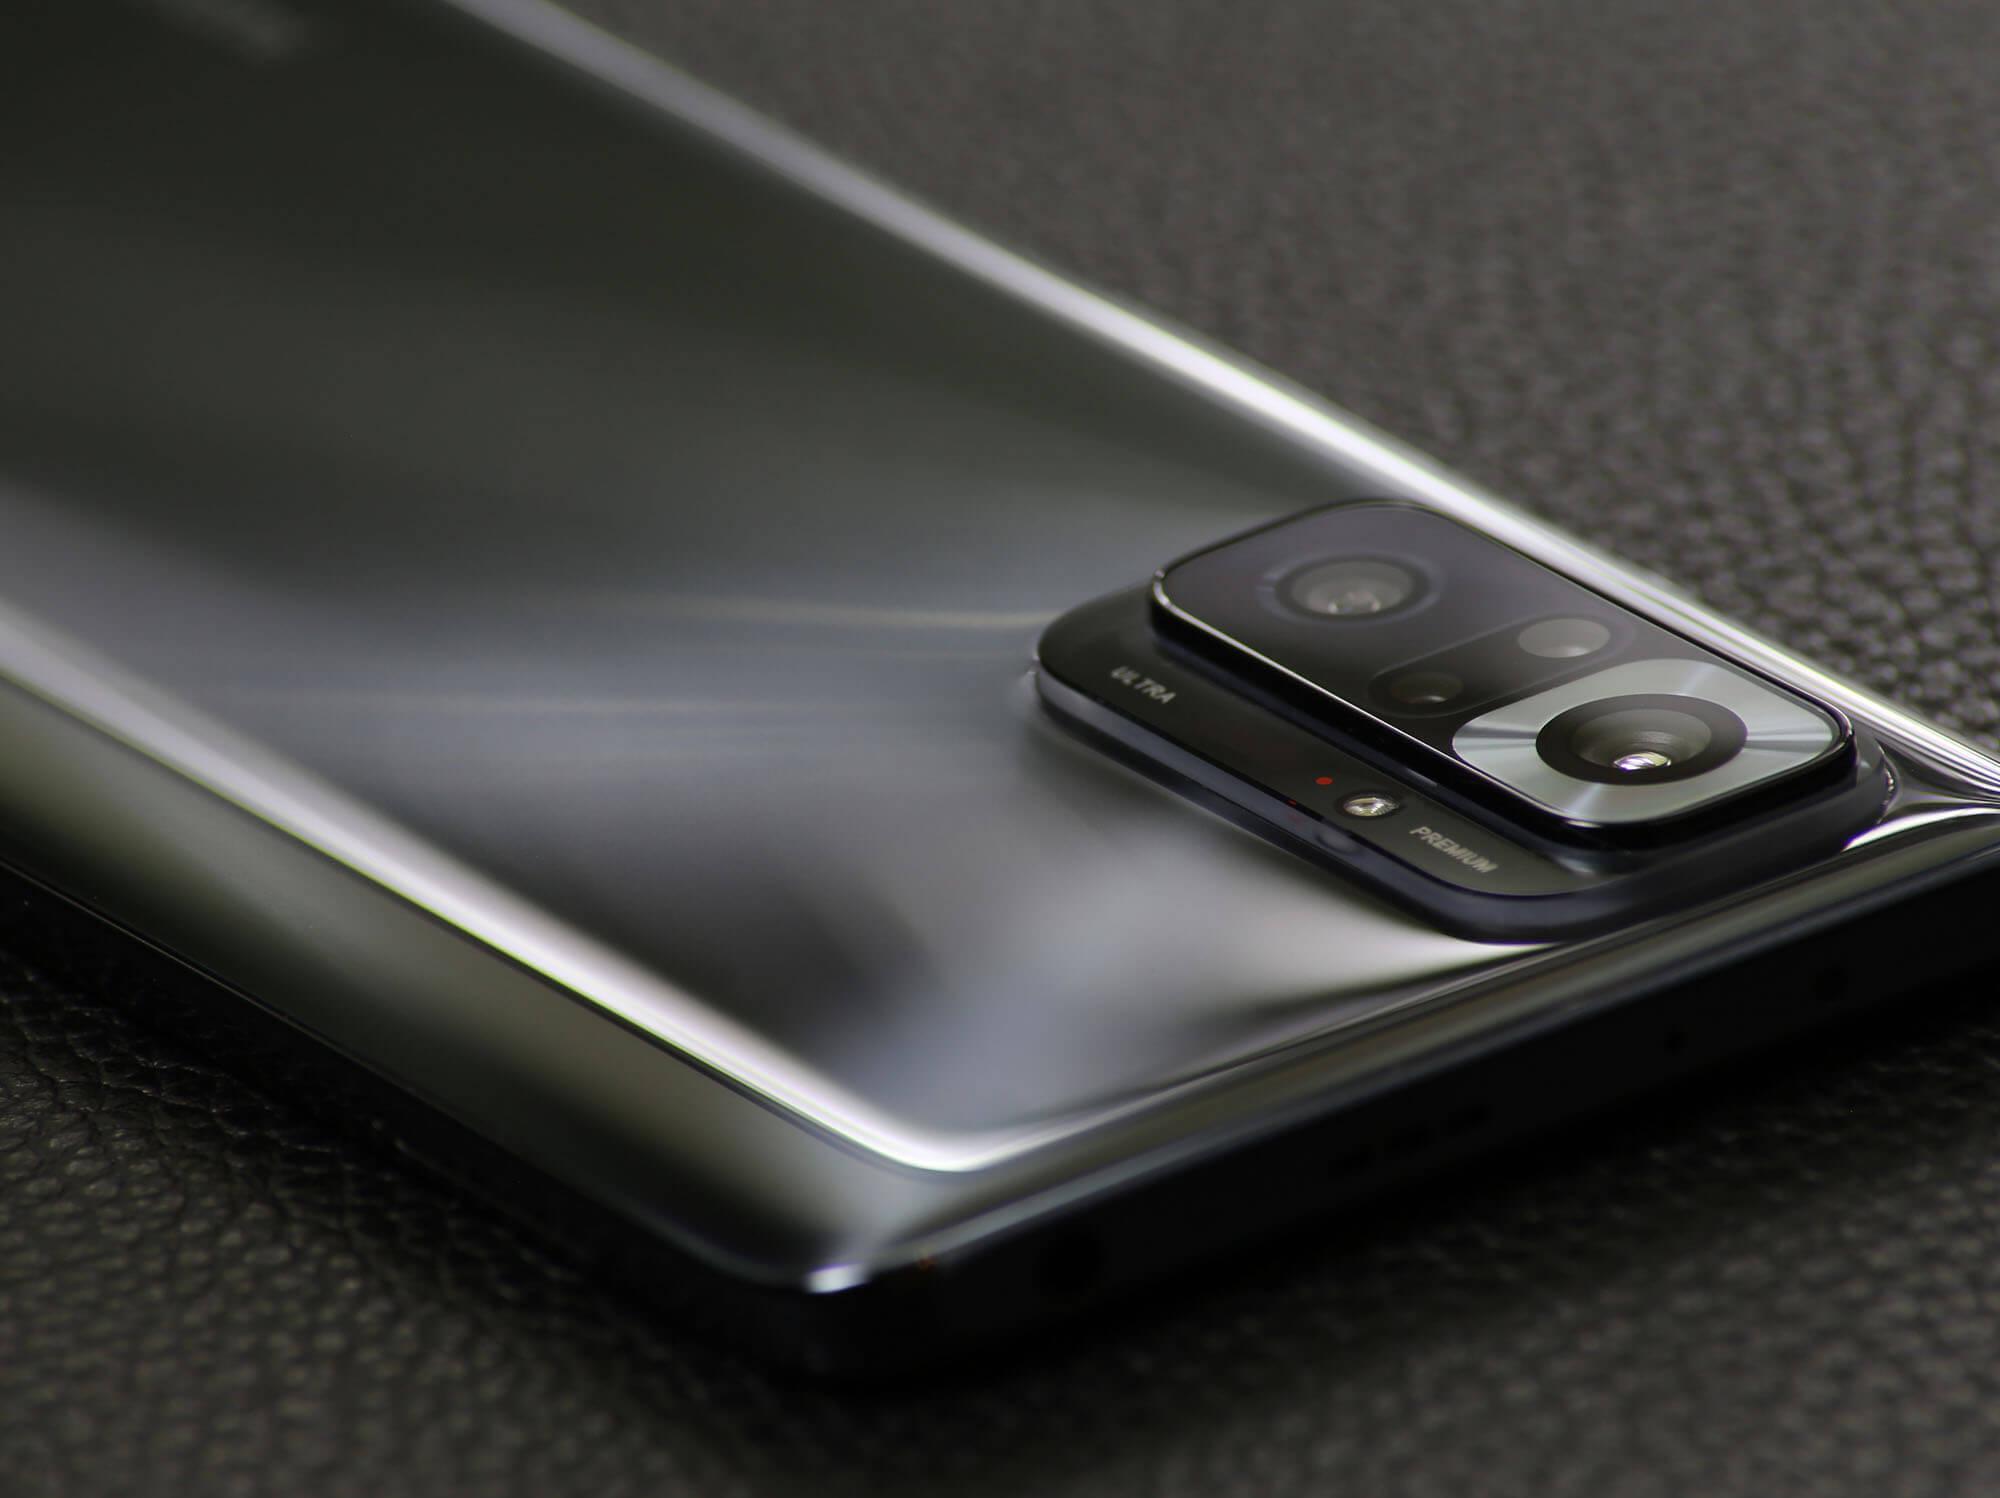 Redmi Note 10 ProのメインカメラはイメージセンサーにSamsung ISOCELL HM2を採用